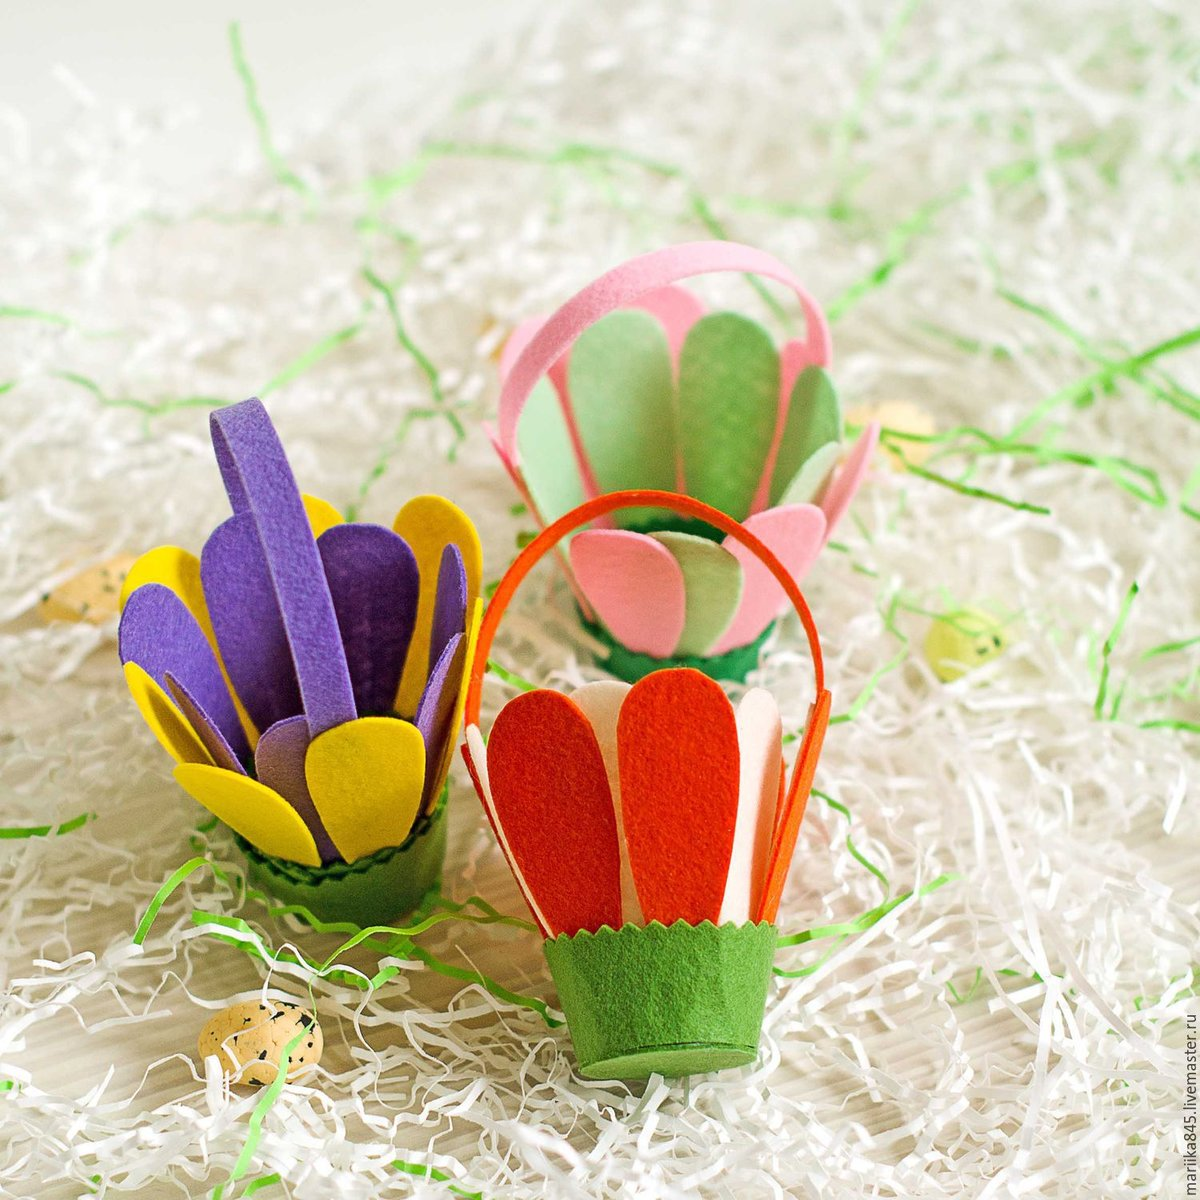 Новые подставки для пасхальных яиц своими руками — коробочка идей и мастер-классов